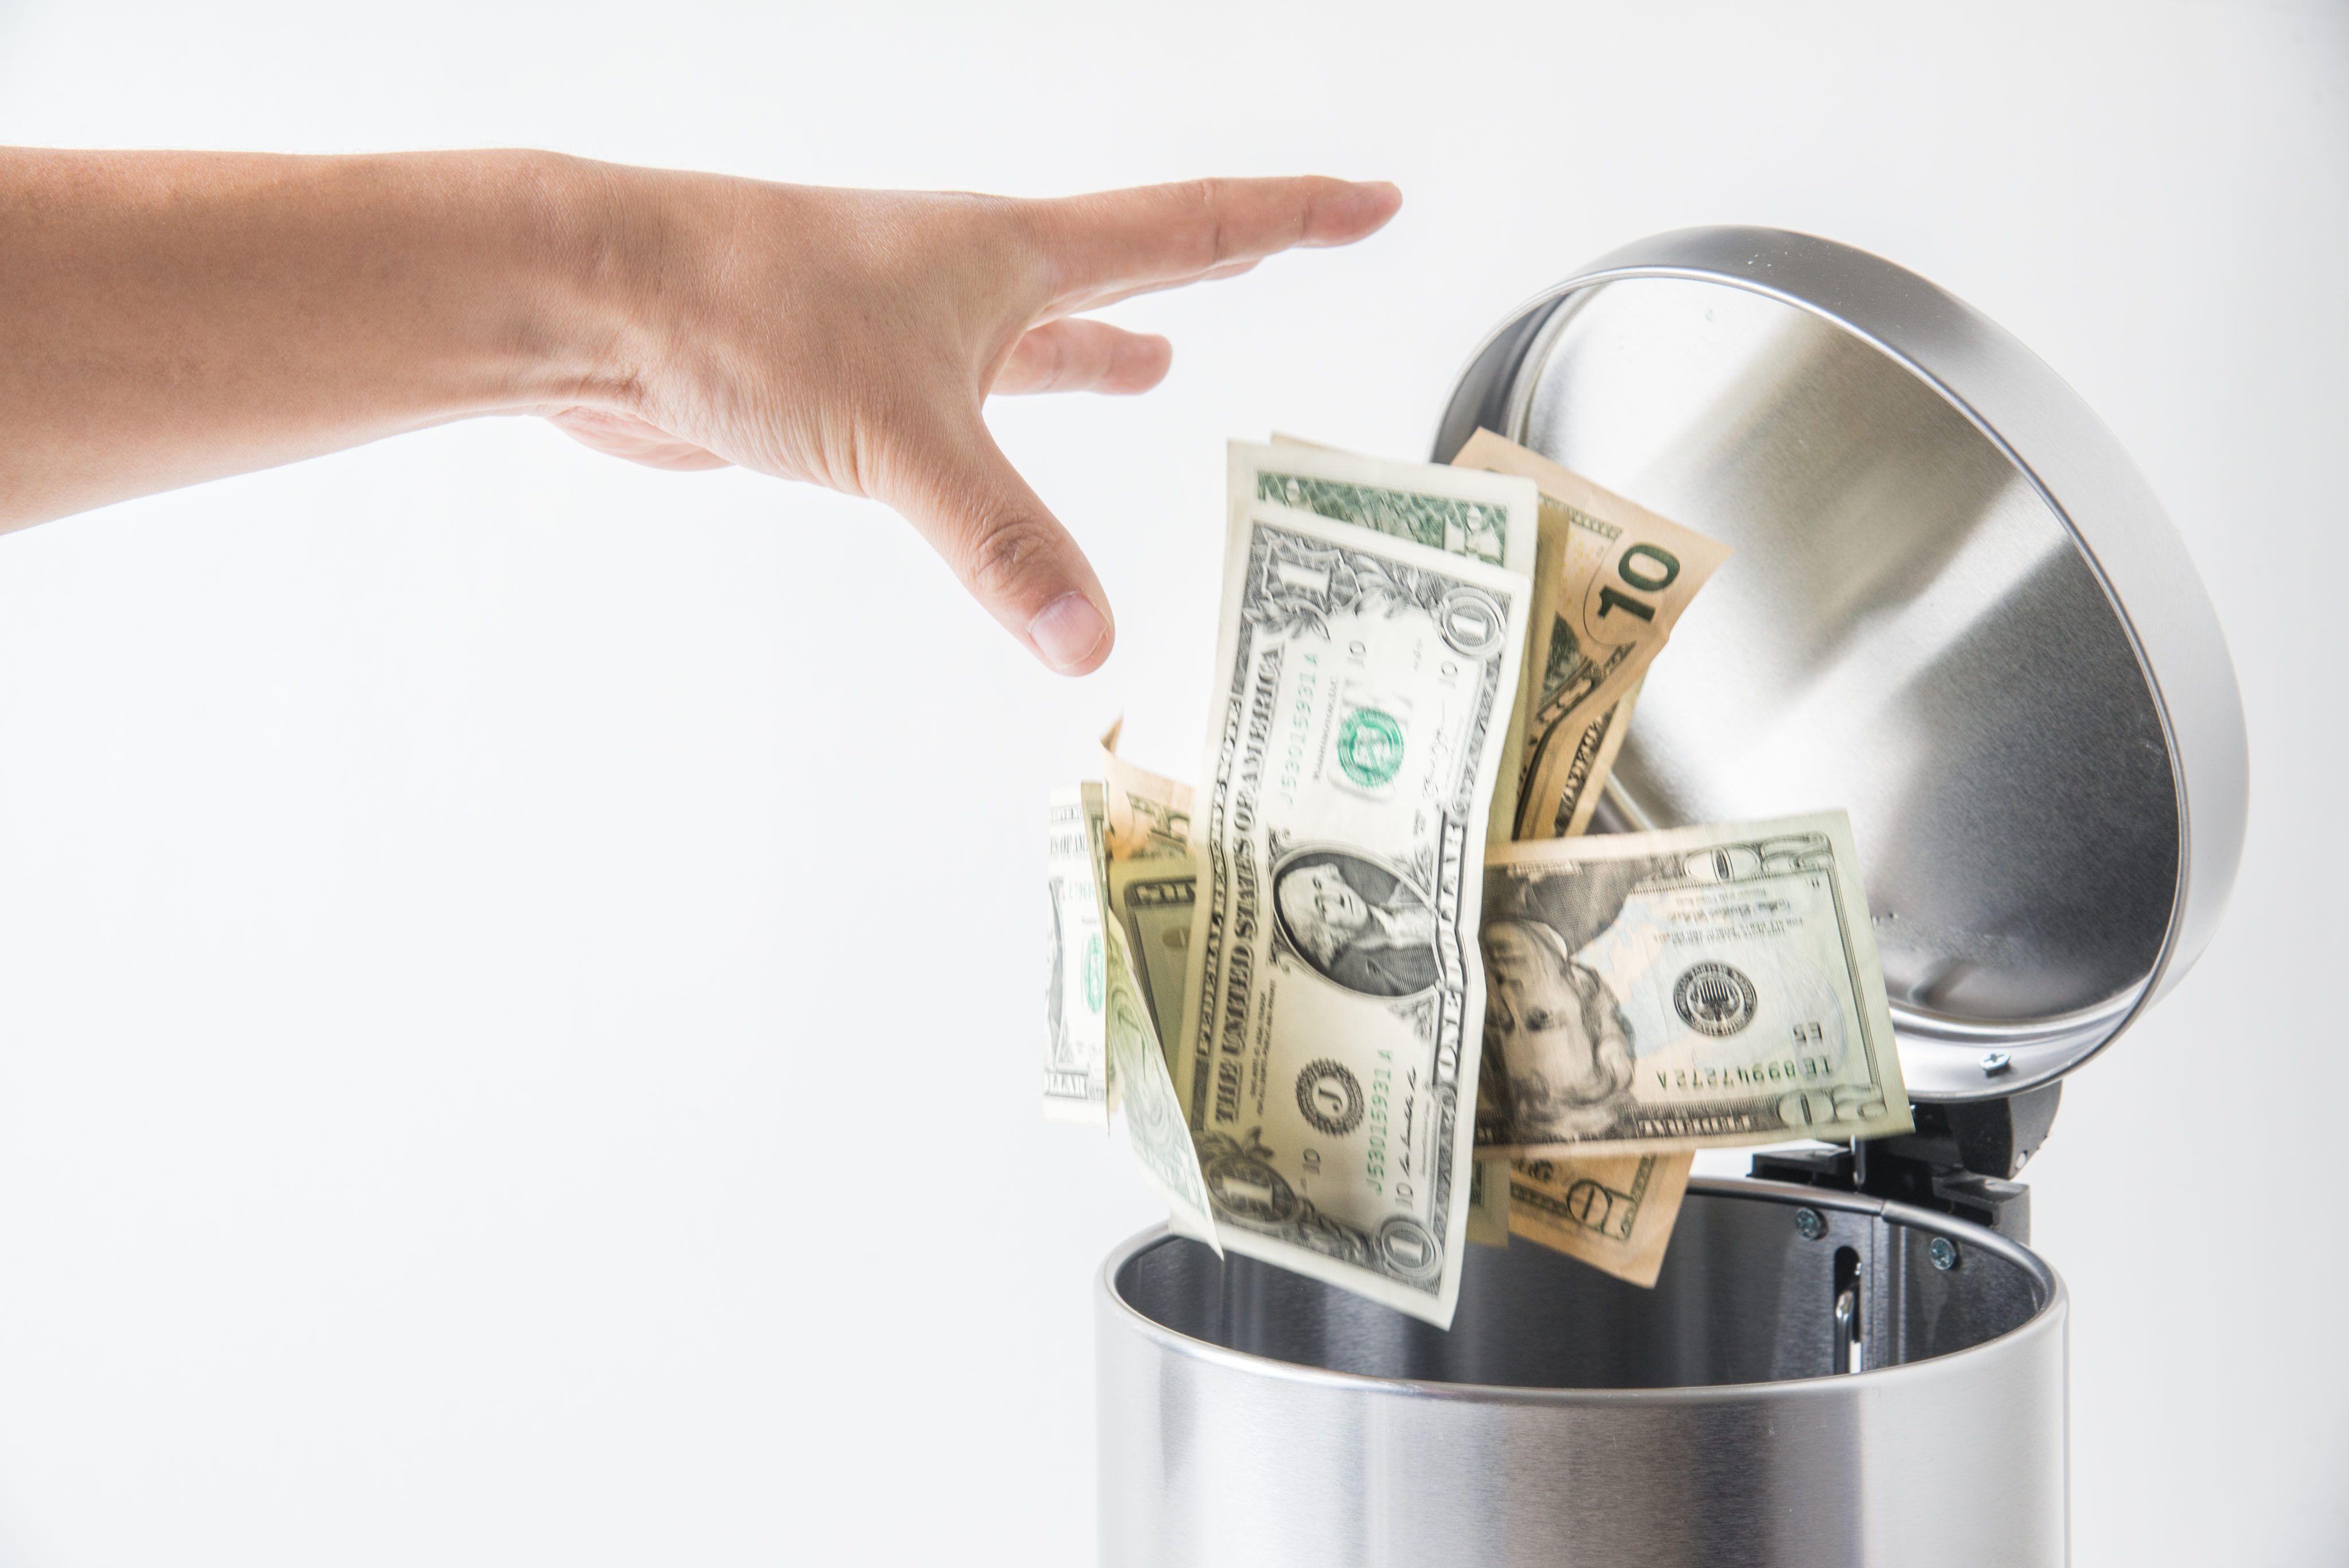 Schijnen grondig te reinigen crypto currency online cricket betting rates in india